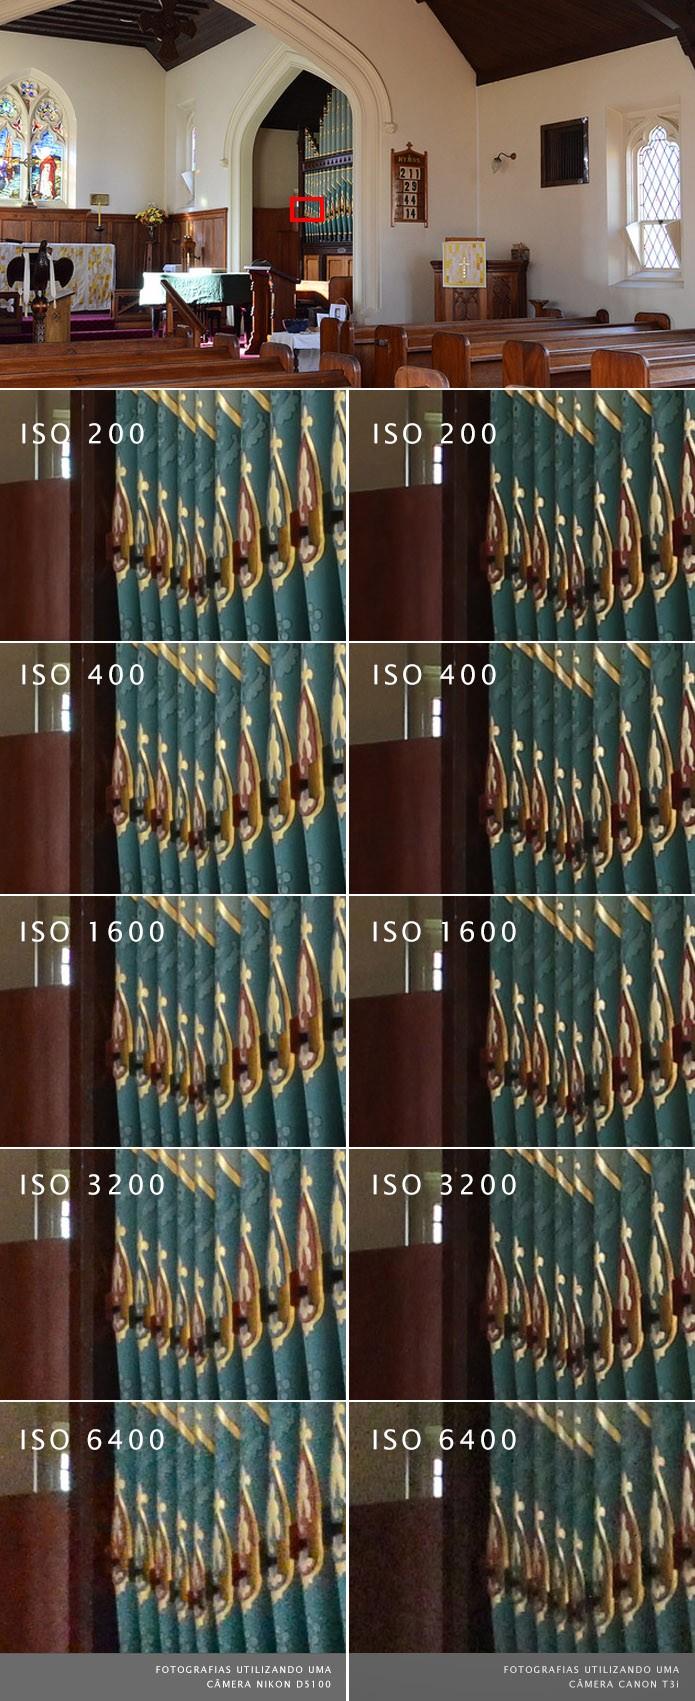 Amostras de cena fotografada com diferentes níveis de sensibilidade ISO (Foto: Reprodução/Gordon Laing) (Foto: Amostras de cena fotografada com diferentes níveis de sensibilidade ISO (Foto: Reprodução/Gordon Laing))